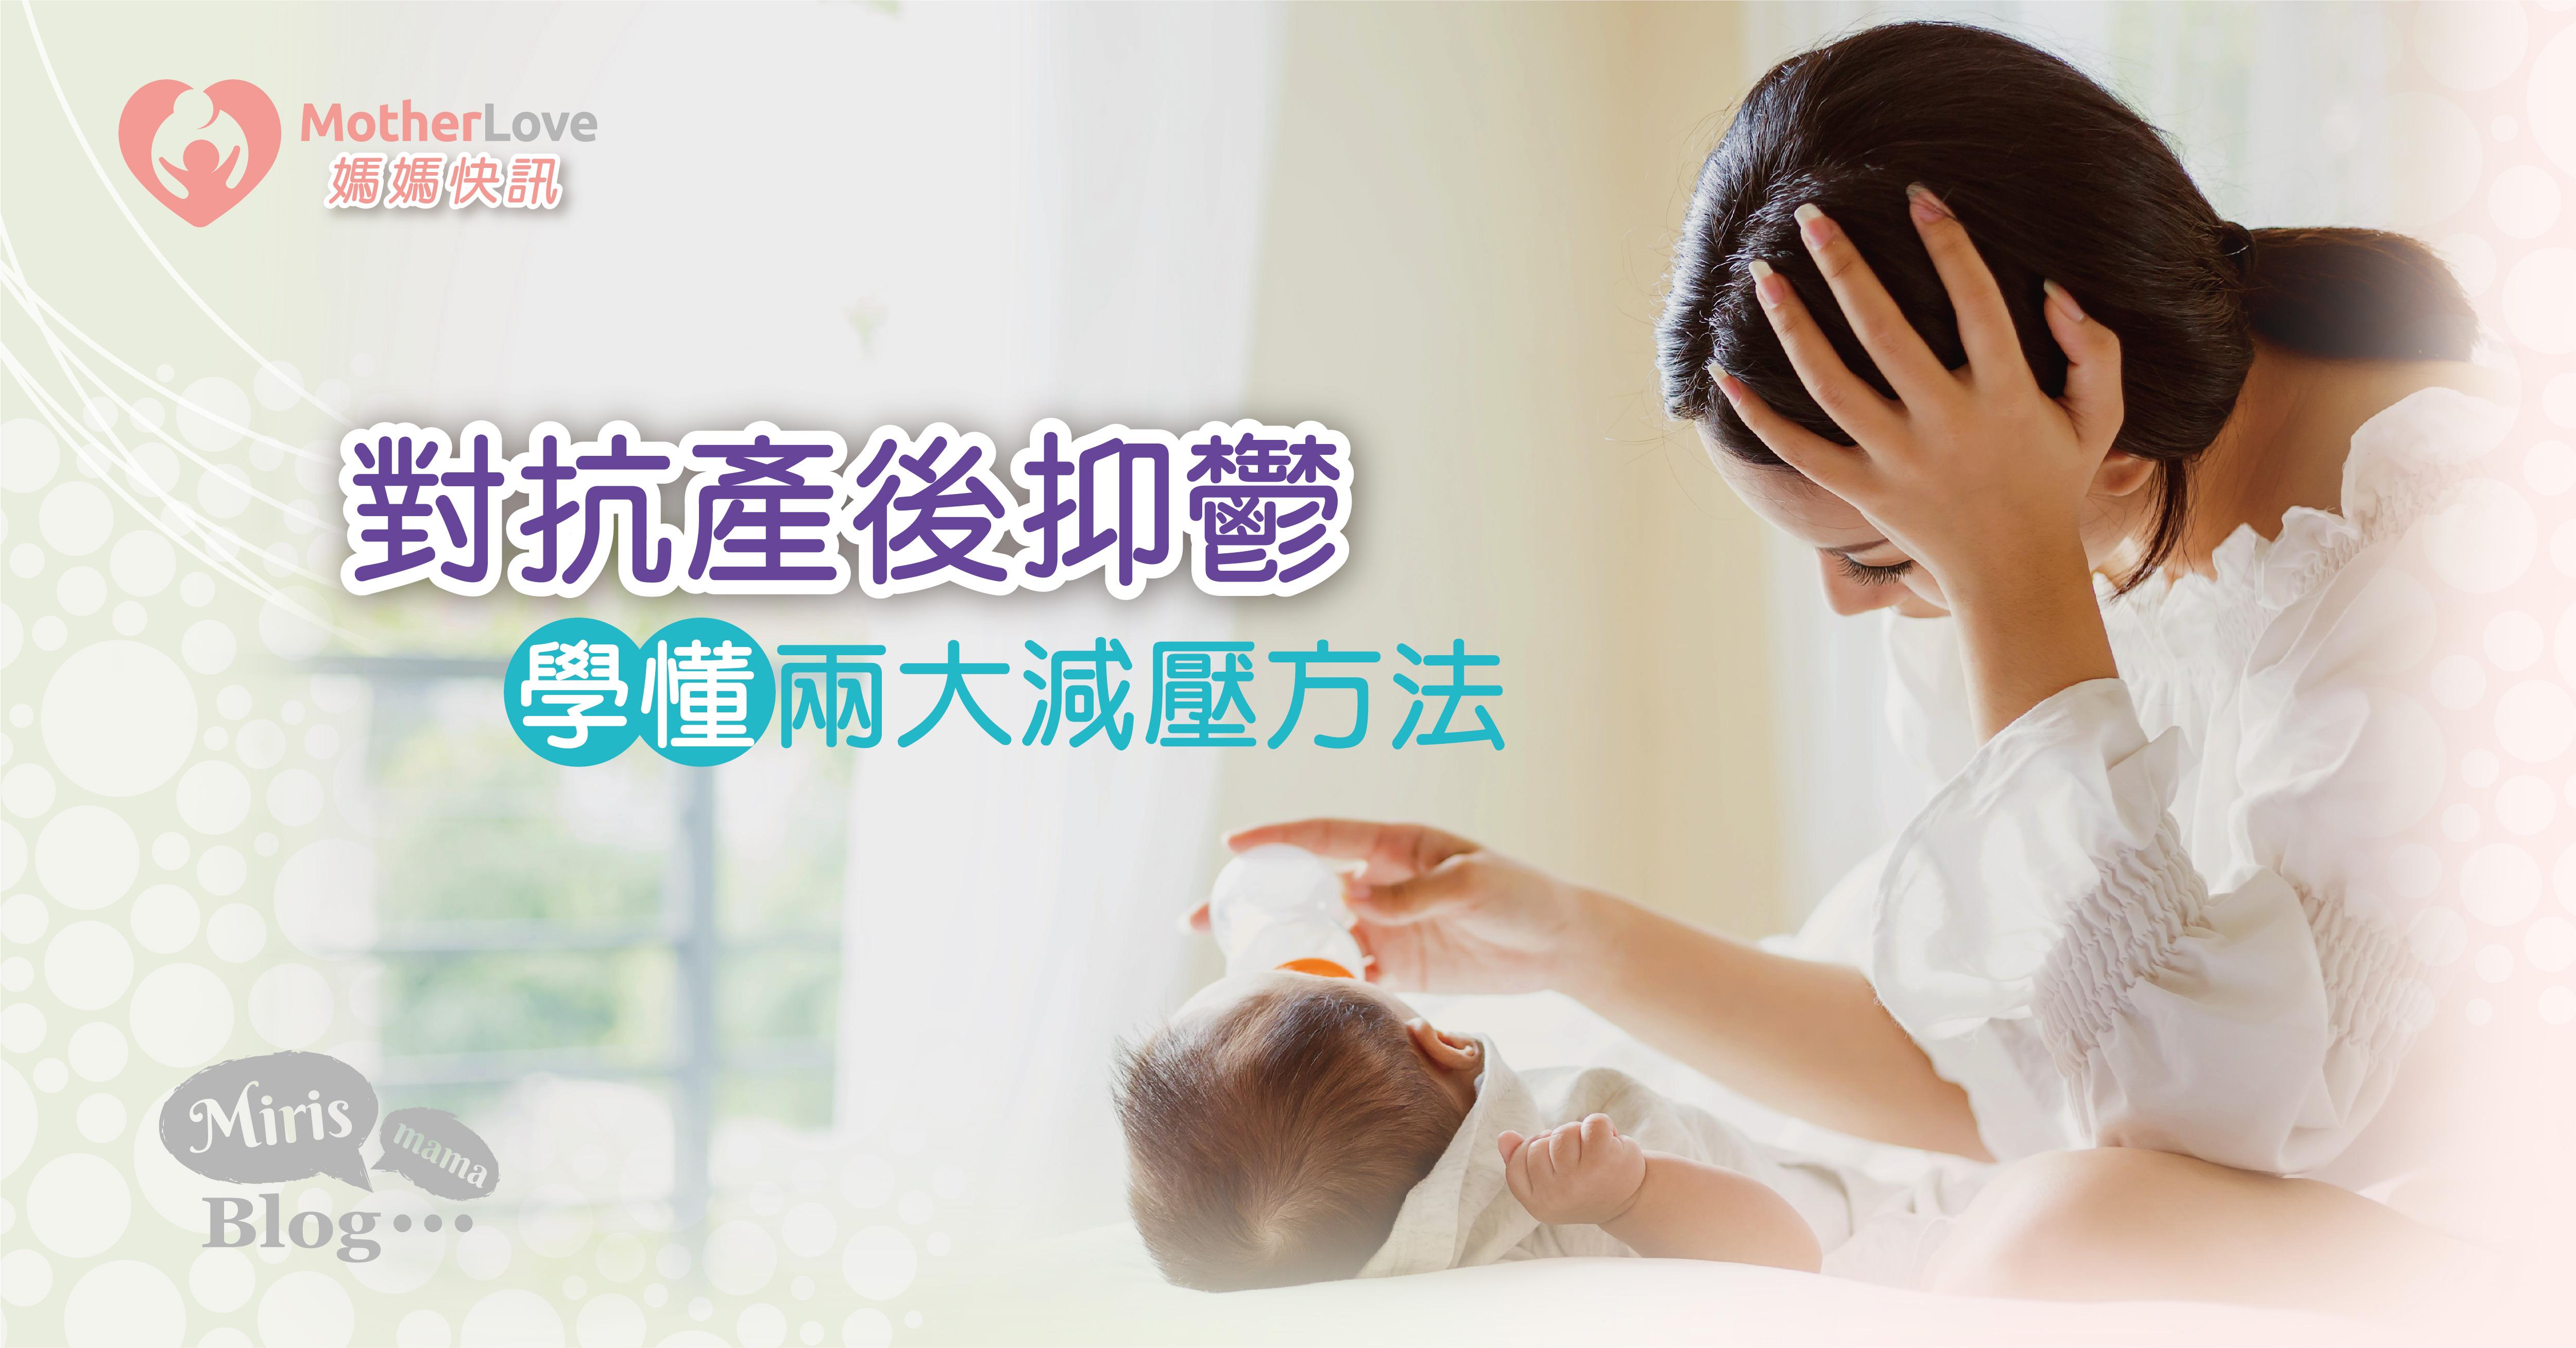 【媽媽快訊】對抗產後抑鬱 學懂兩大減壓方法